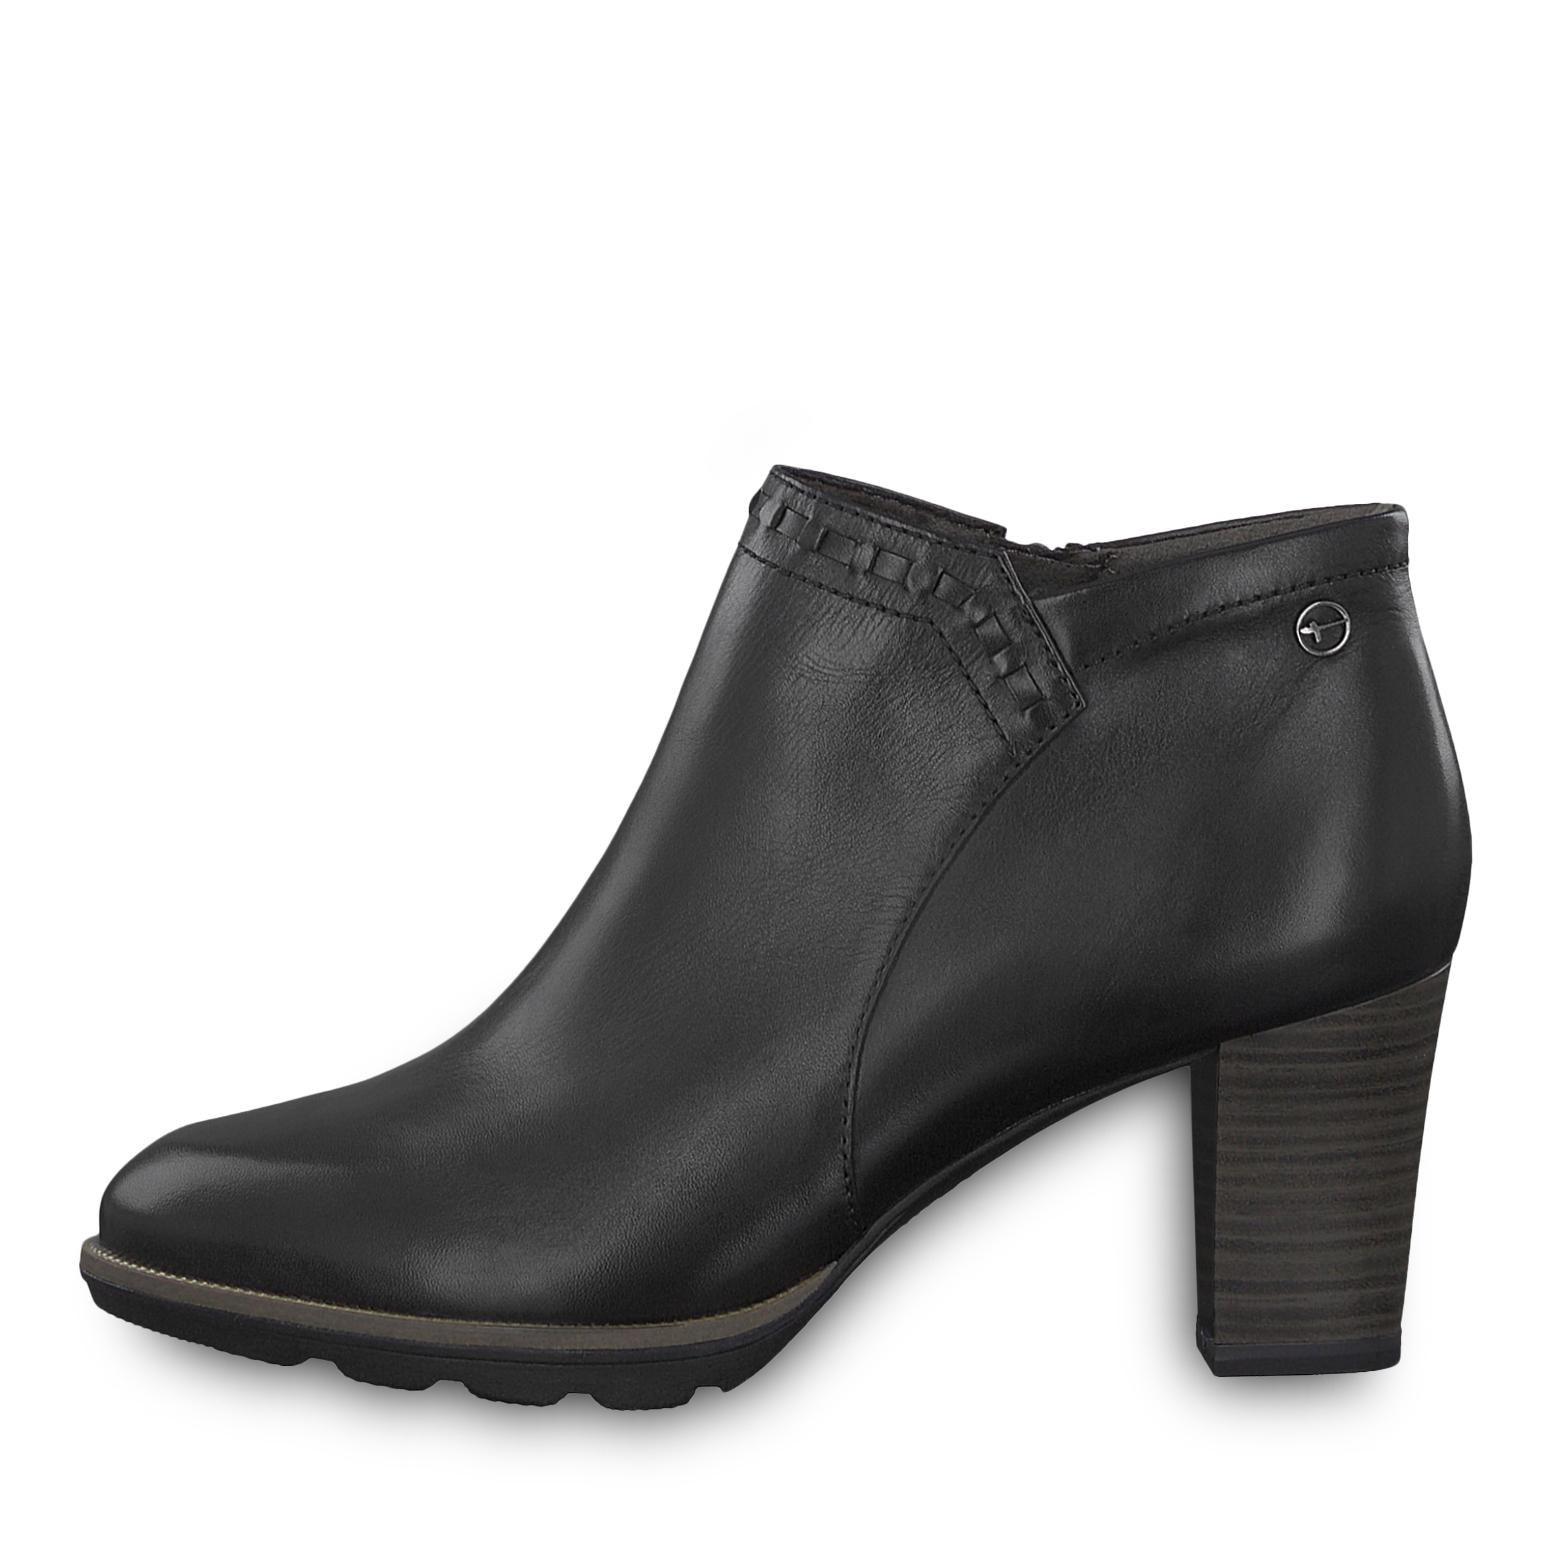 Schuhe Tamaris Schuhe online kaufen Bis zu 50% Rabatt